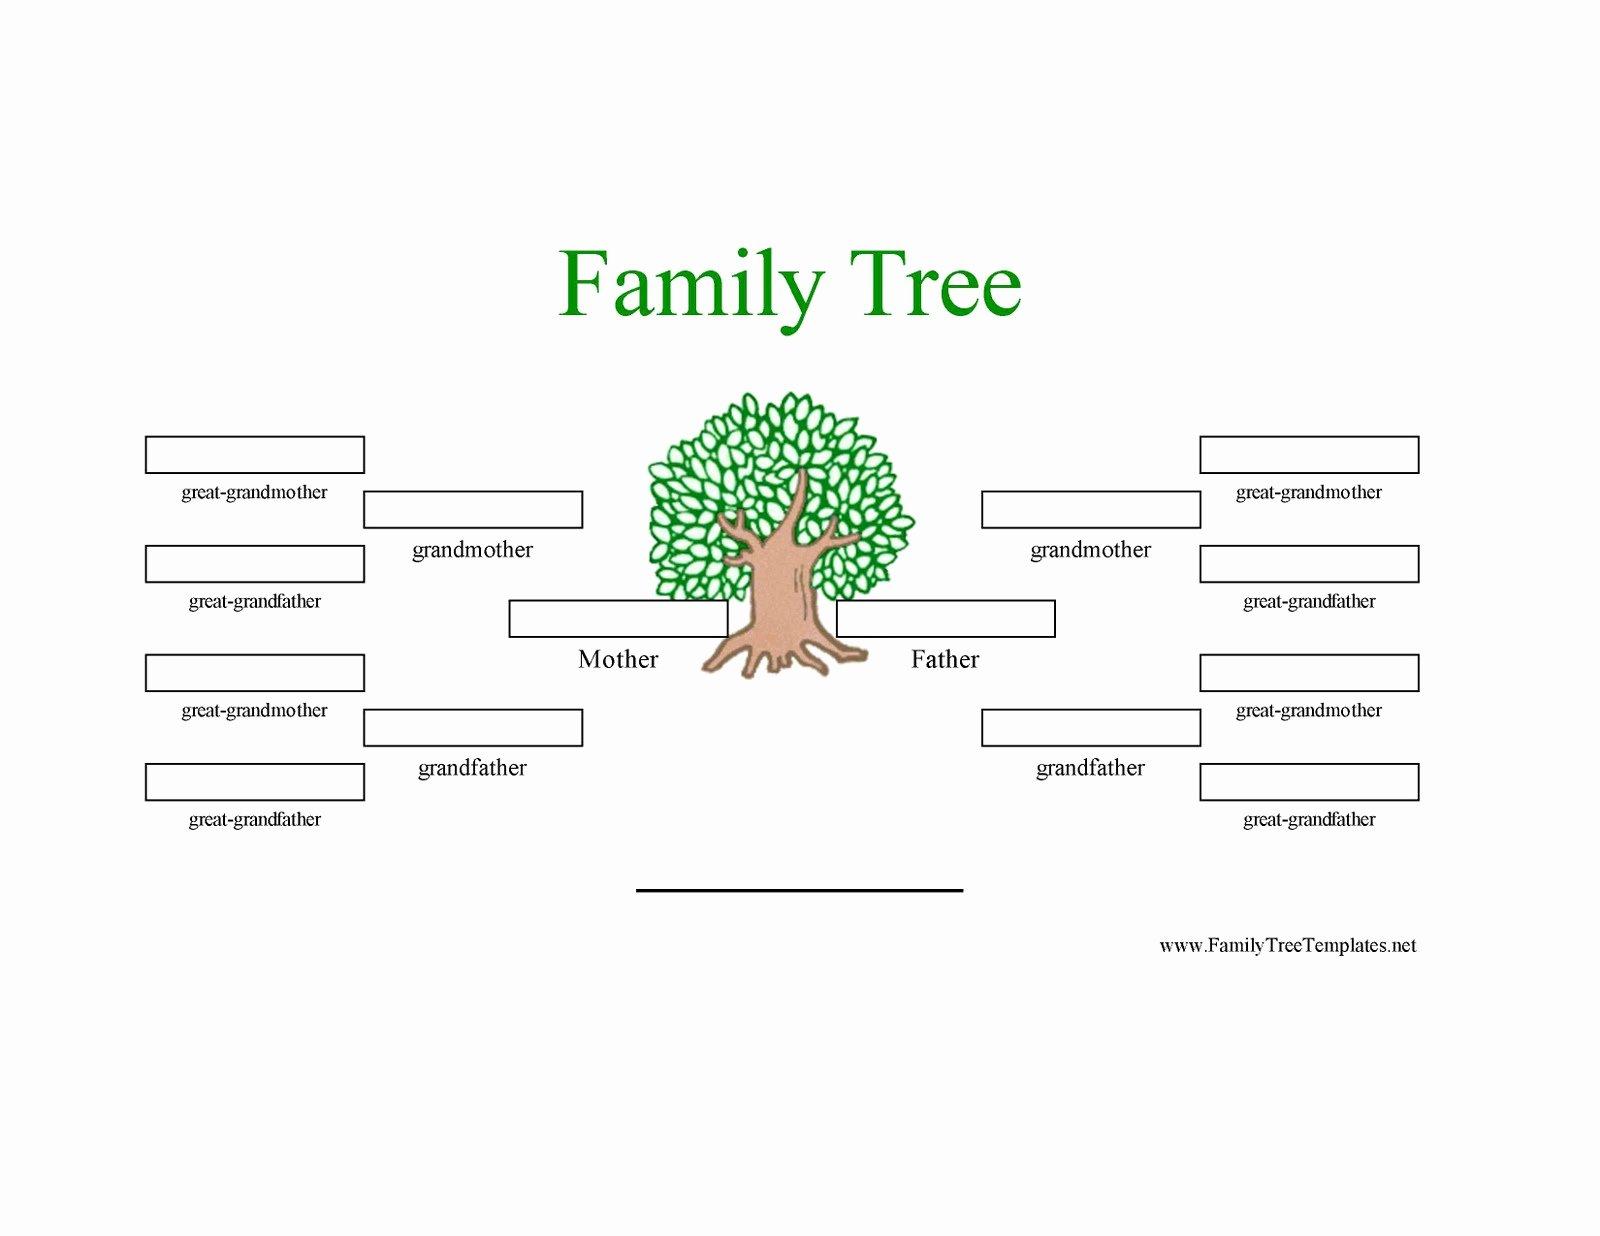 3 Generation Family Trees Elegant Family Tree Template Family Tree Template 3 Generations with Siblings